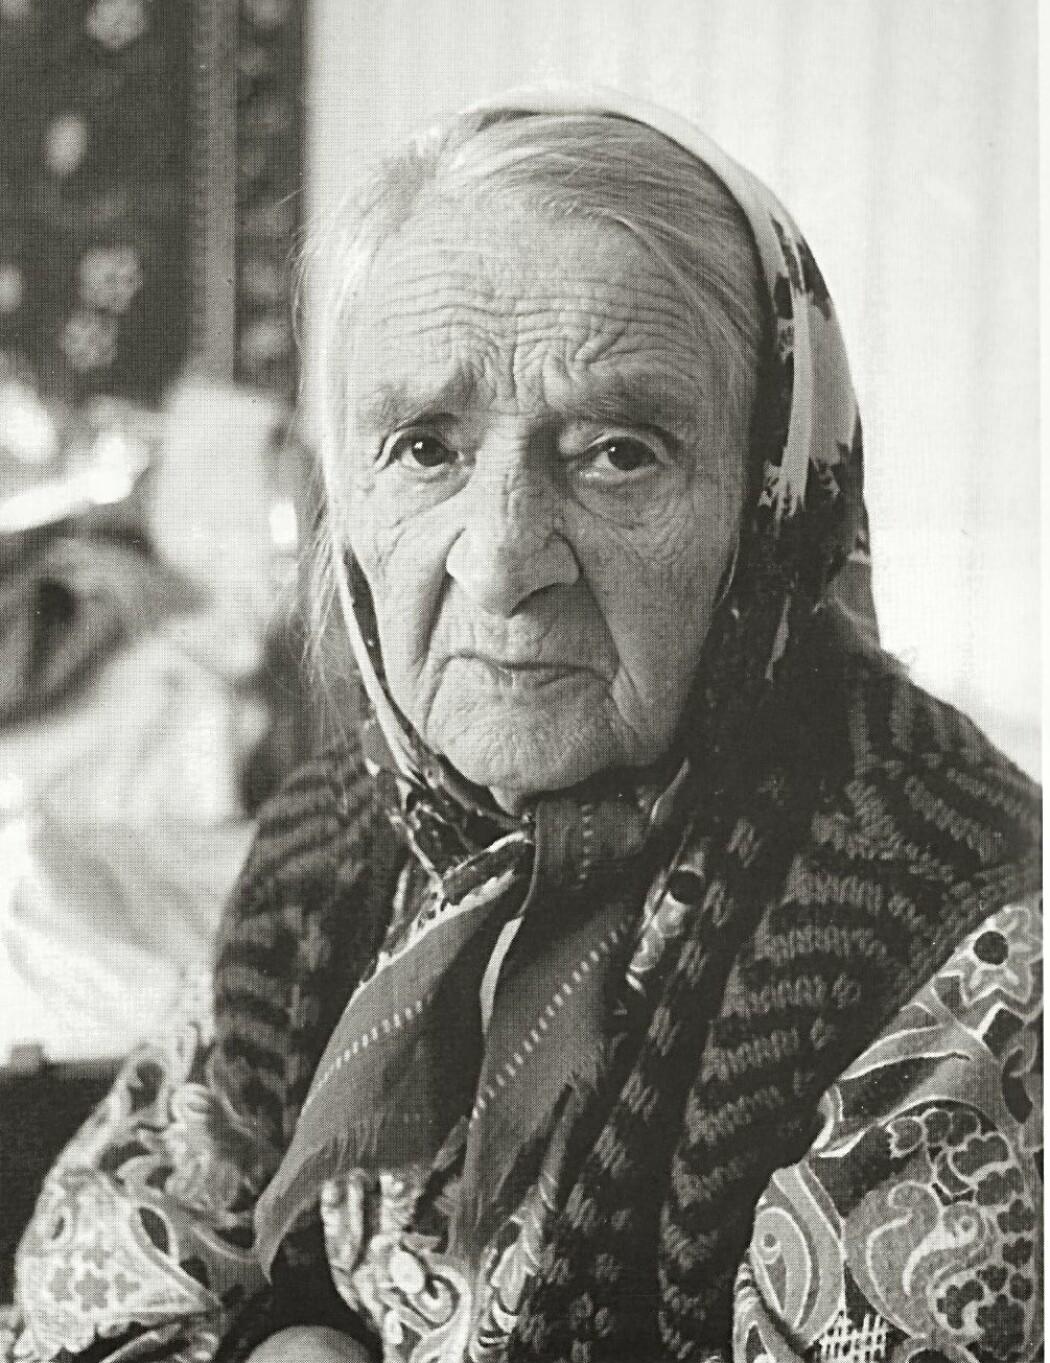 Nelly Berger mistet en liten gutt i Tarza, men klarte å berge livet til de tre andre barna sine. I tillegg tok hun seg av et fosterbarn. Da Morten Jentoft møtte henne i Karelen hadde hun nesten ikke snakket norsk med noen på 50 år. Likevel husket hun språket godt: <i>«Æ snakke med mæ sjølv og så har æ en gammel salmebok etter min mor»</i>, fortalte hun bare noen uker før sin død i 1993.